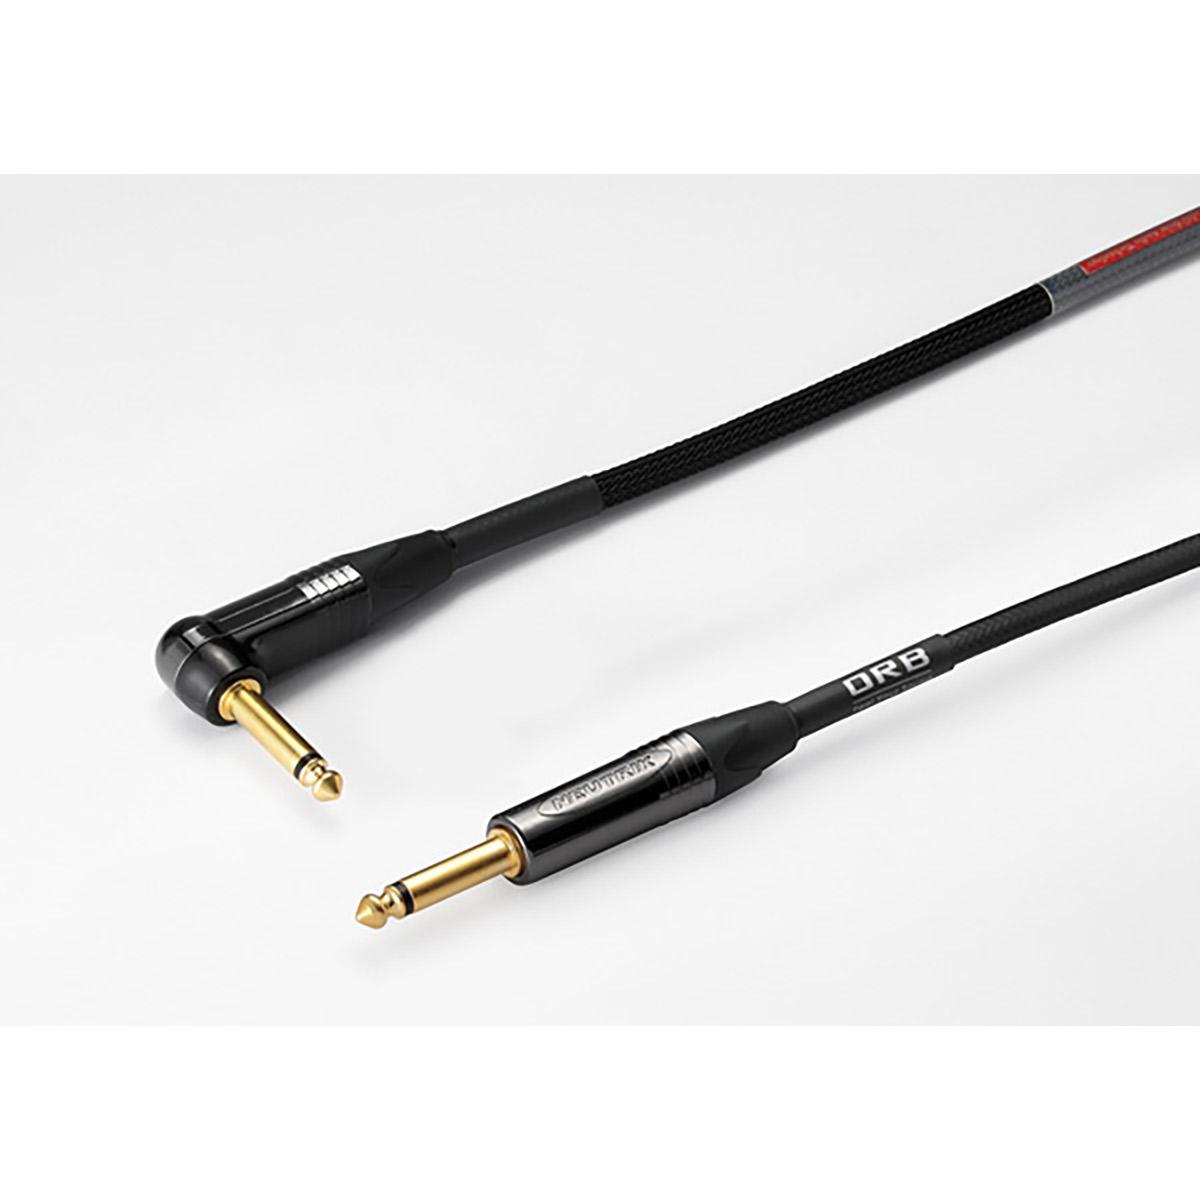 ORB Audio J7-PhoneProS-L 5m フォンケーブル ストレート-L型 【オーブオーディオ】